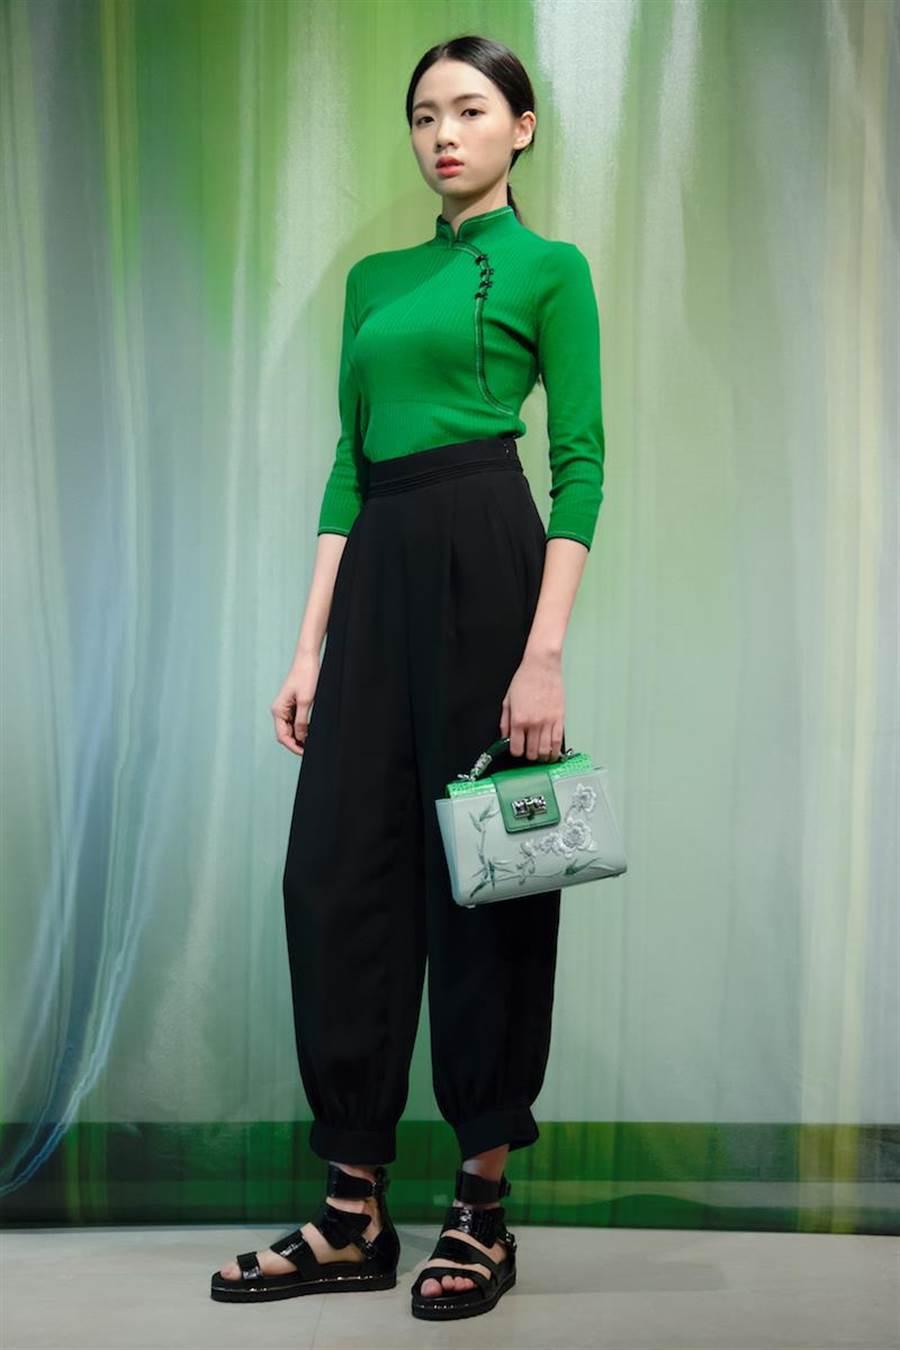 伊林女模蕭珮瑩身著斜襟針織上衣搭配高腰老爺褲、羅馬涼鞋,充滿竹子意象。(夏姿提供)